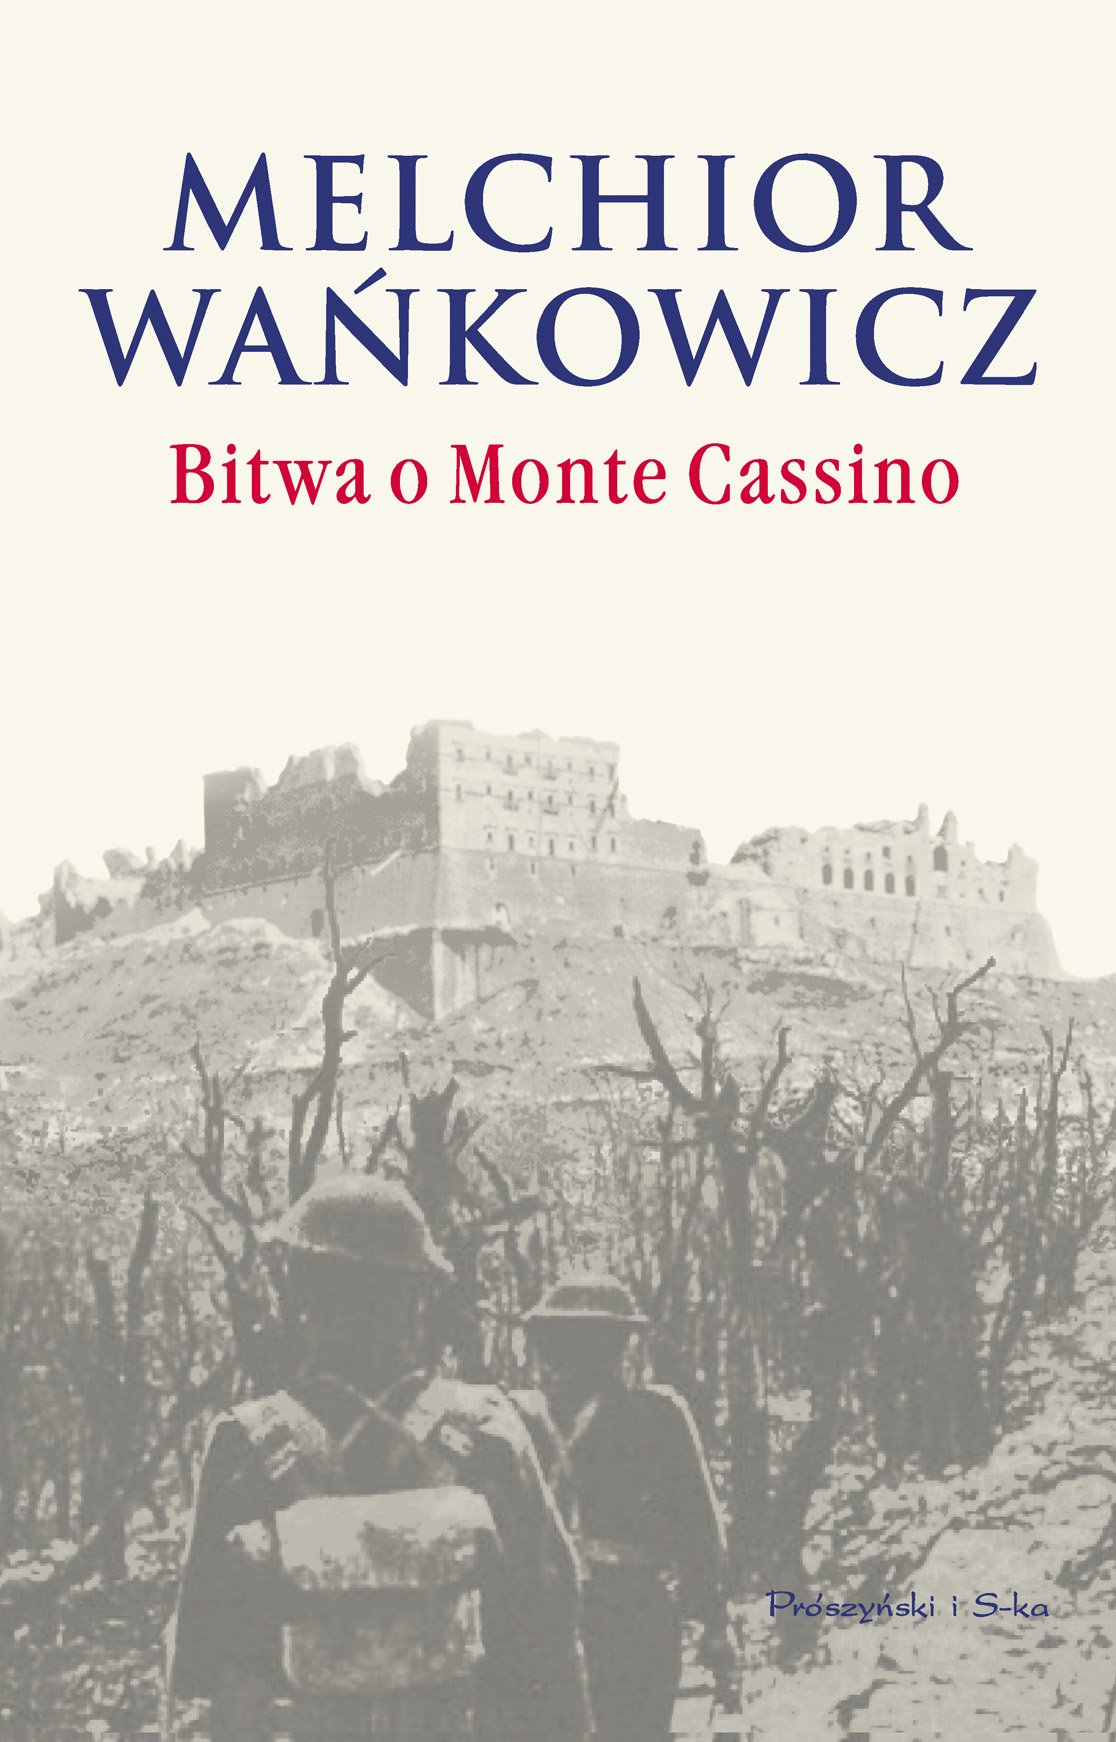 Bitwa o Monte Cassino - Ebook (Książka EPUB) do pobrania w formacie EPUB